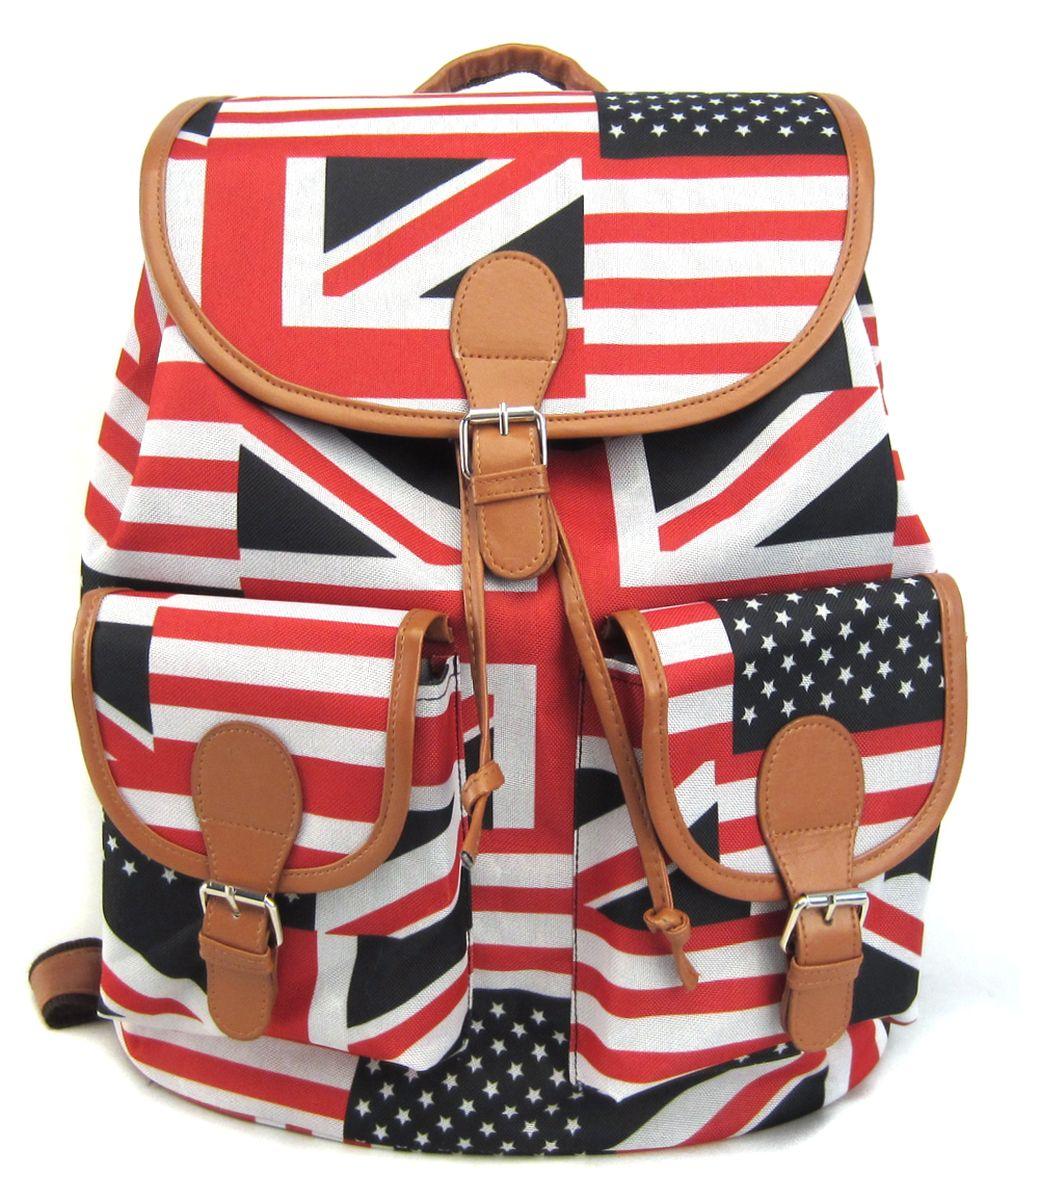 Рюкзак молодежный Creative British Flag, цвет: мультиколор, 23 лGL-BC853Эта красно-бело-черная расцветка – на пике популярности уже не первый сезон! С таким стильным и удобным рюкзаком его владелица точно не останется незамеченной, даже в суете большого города! Этот аксессуар органично впишется в современный подростковый стиль, а благодаря функциональности и удобству – станет любимым и незаменимым!